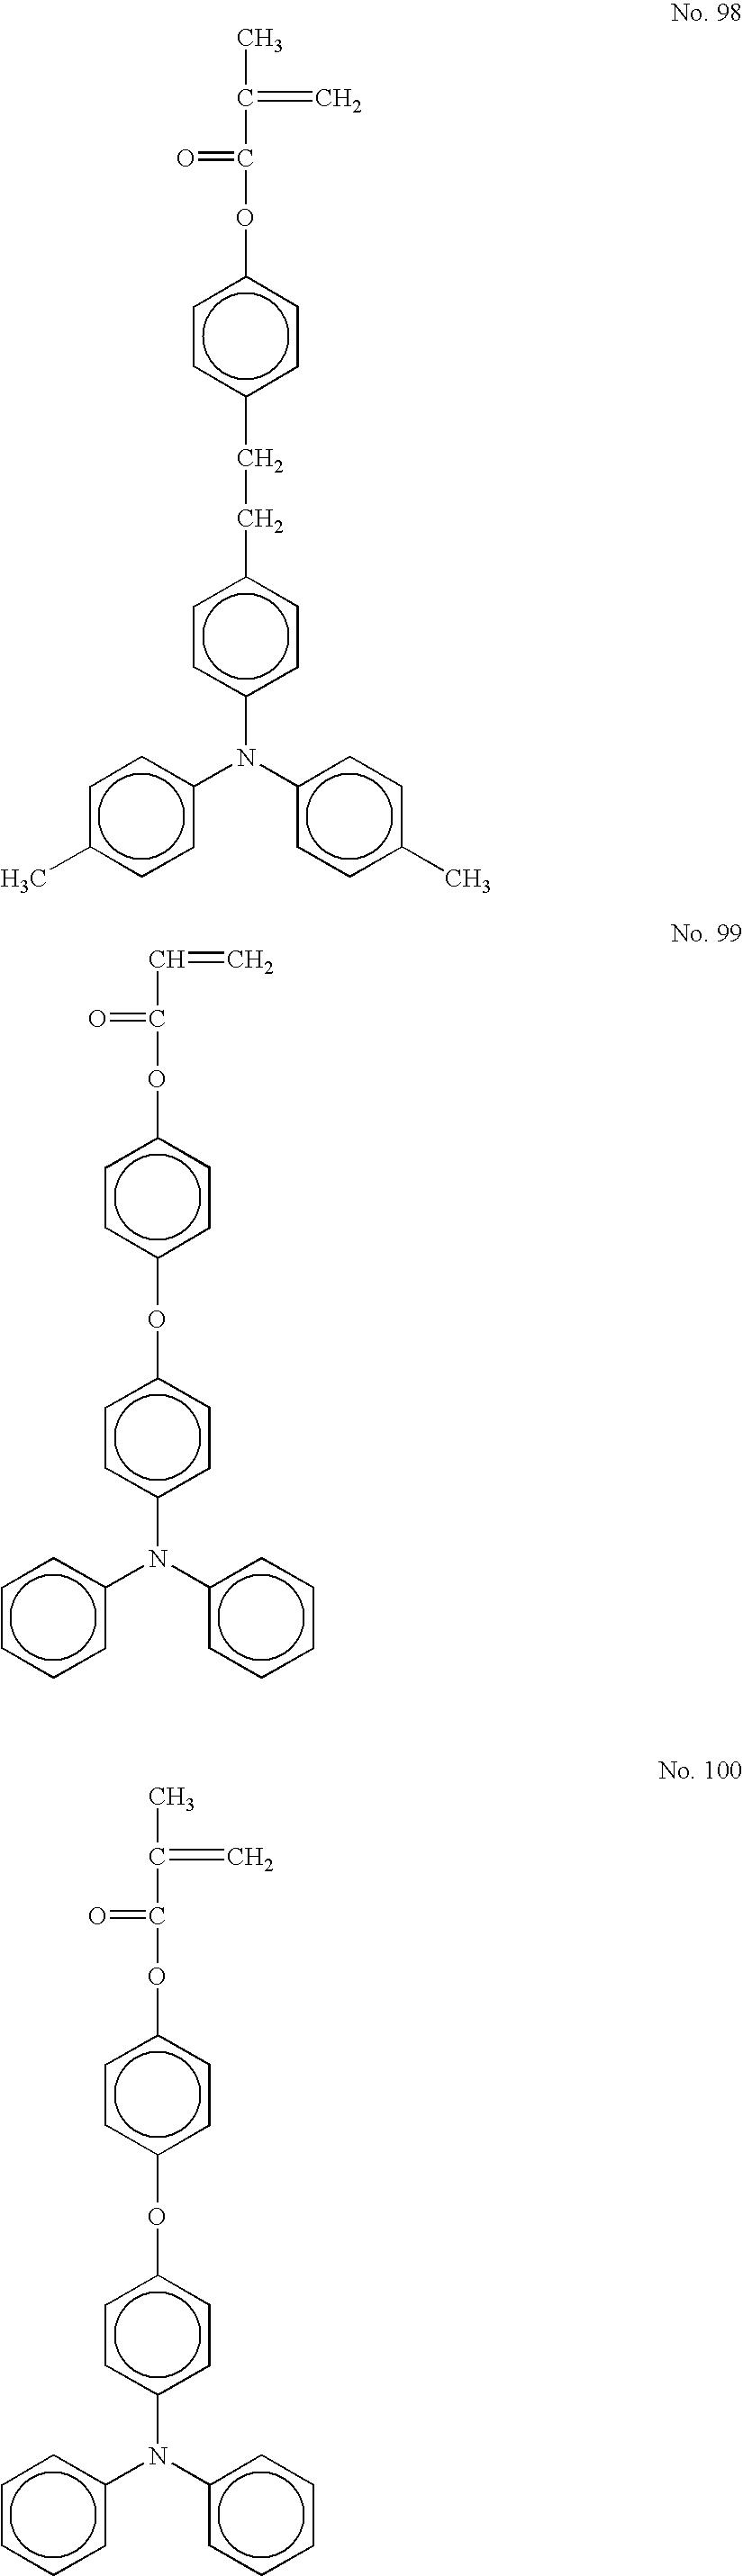 Figure US07390600-20080624-C00035